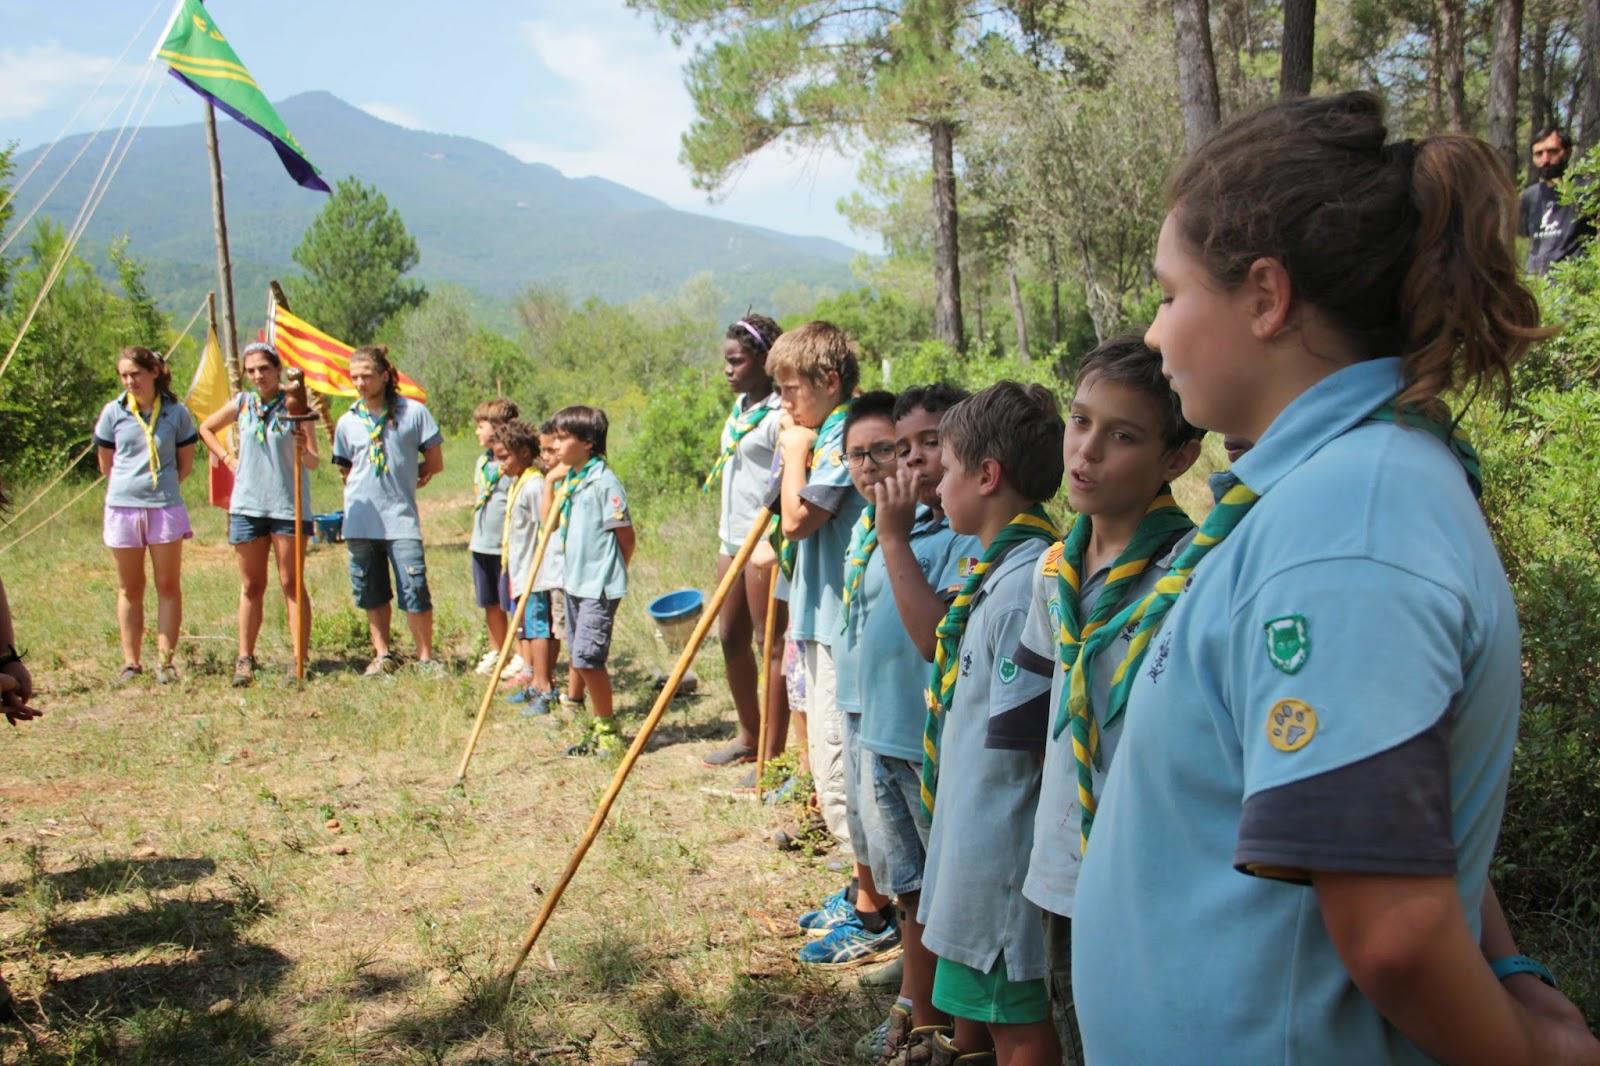 Campaments Estiu Cabanelles 2014 - IMG_1724.JPG